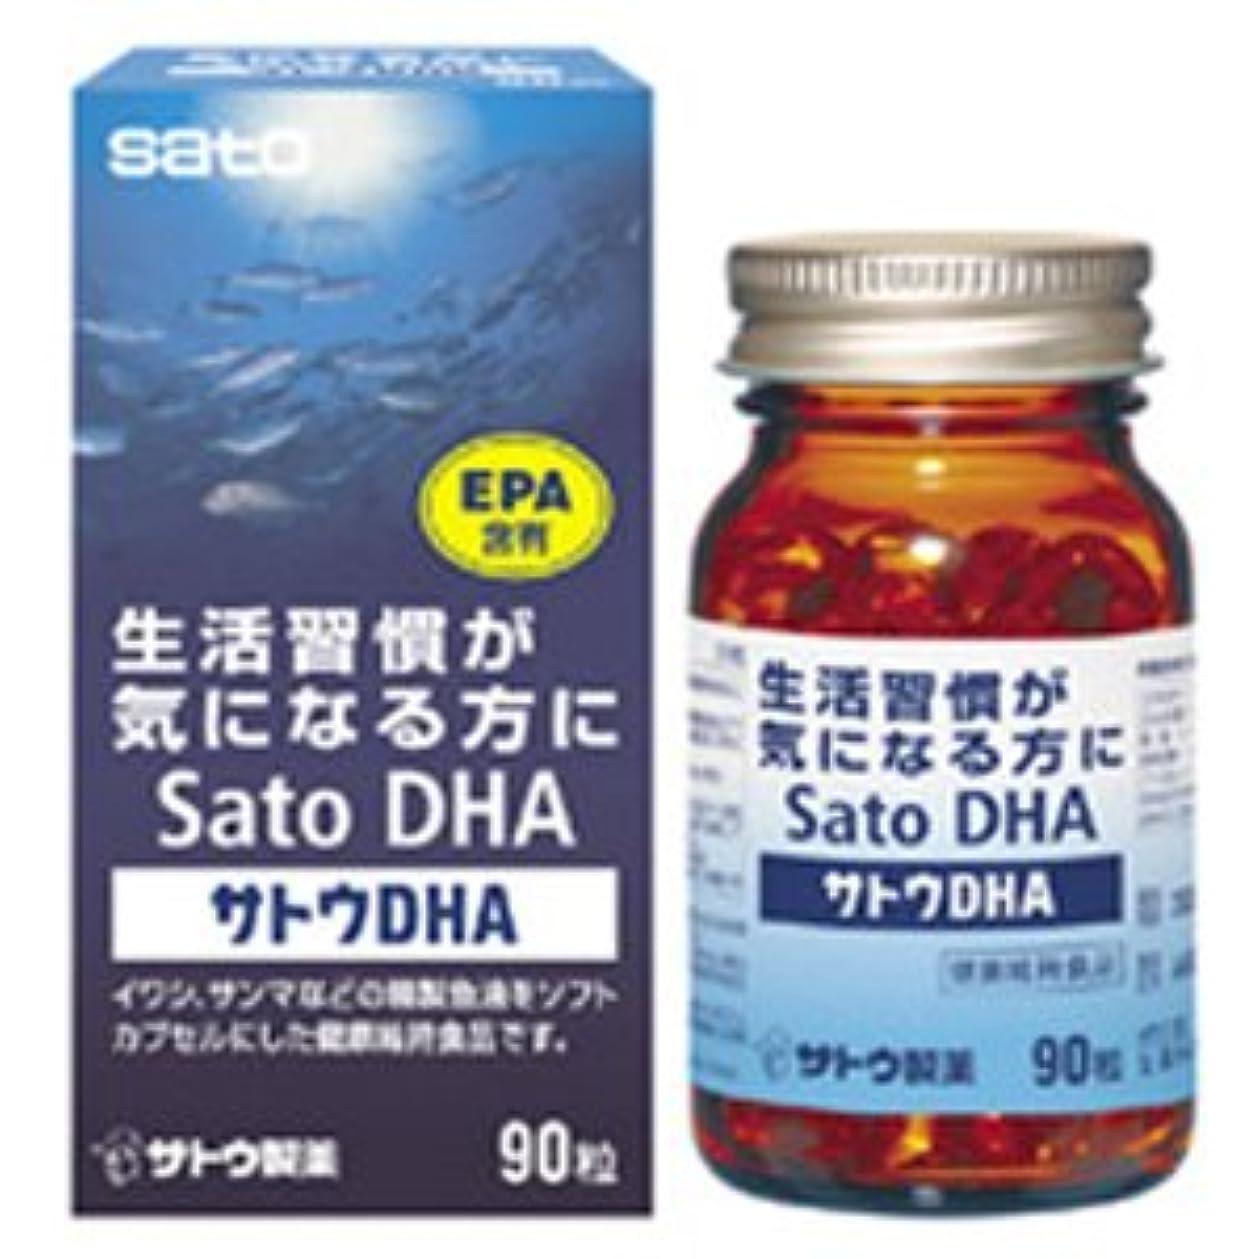 リングバック解任時々サトウDHA 90粒×10個セット 佐藤製薬